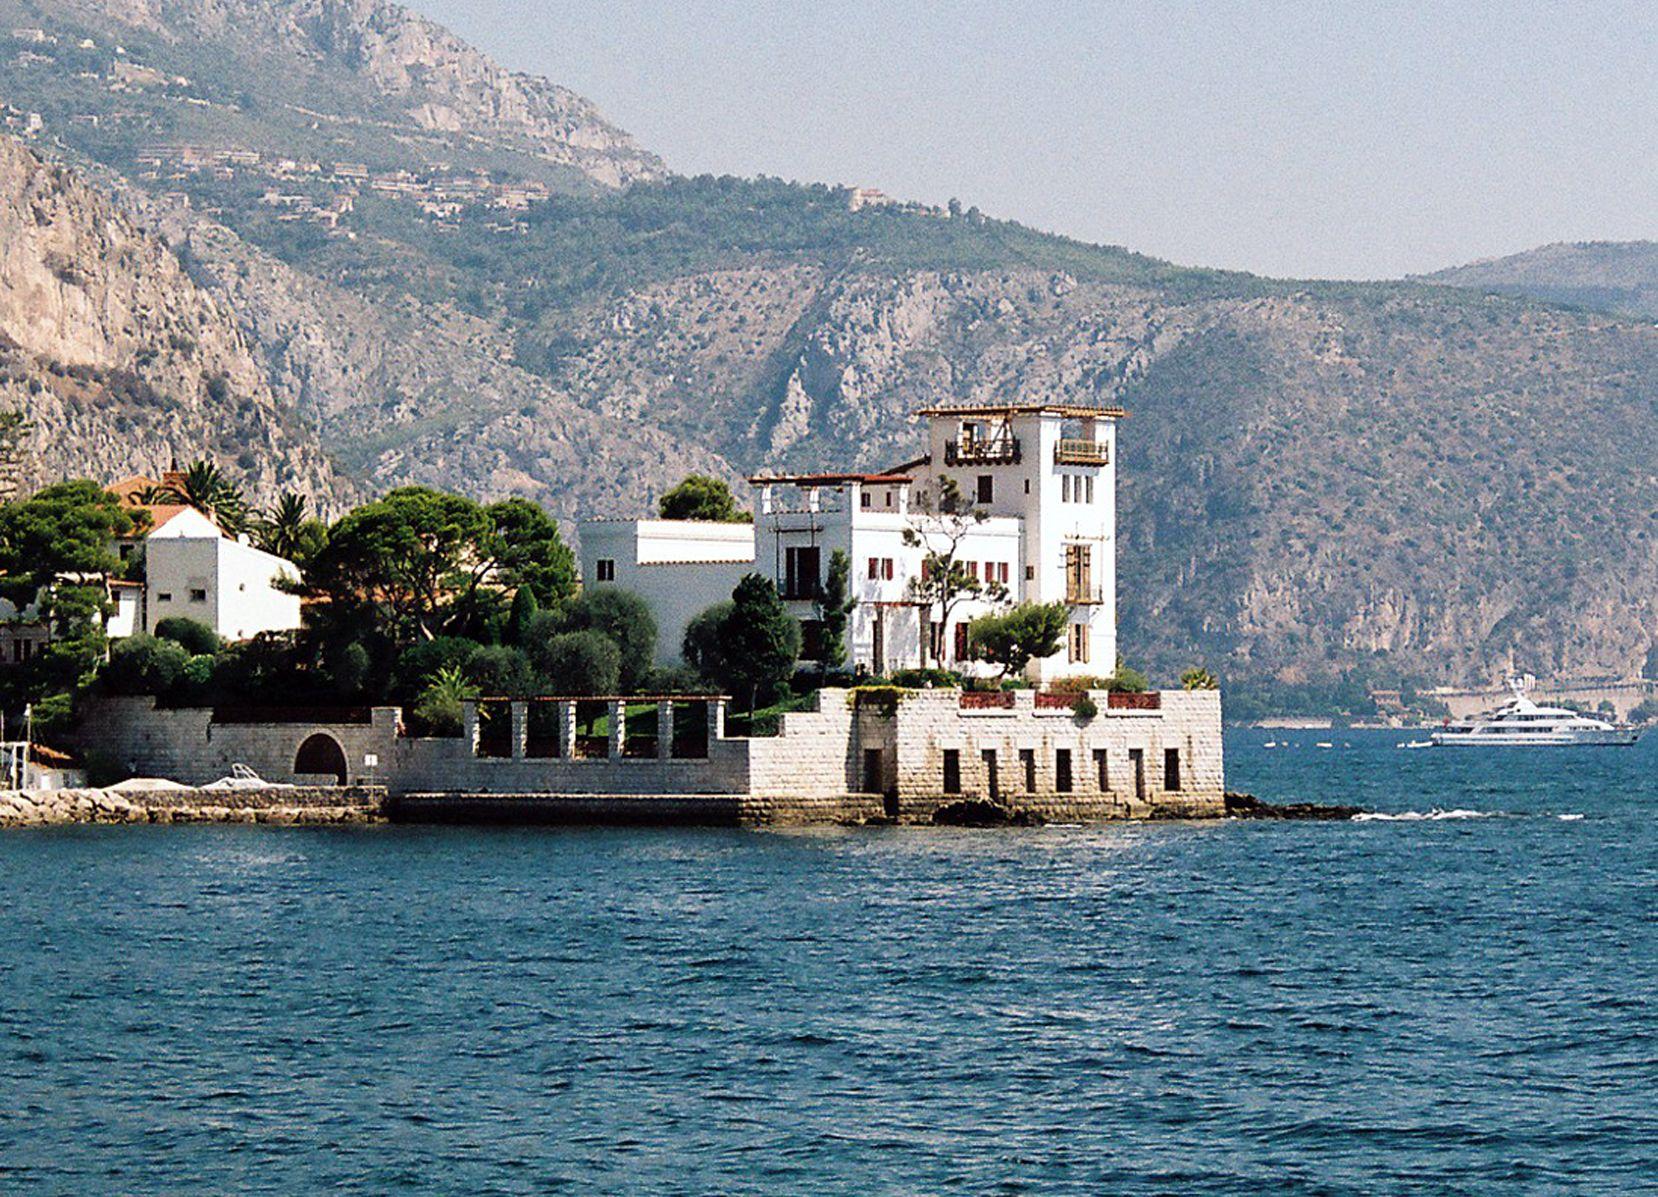 villa kerylos in beaulieu cote dazur france europe